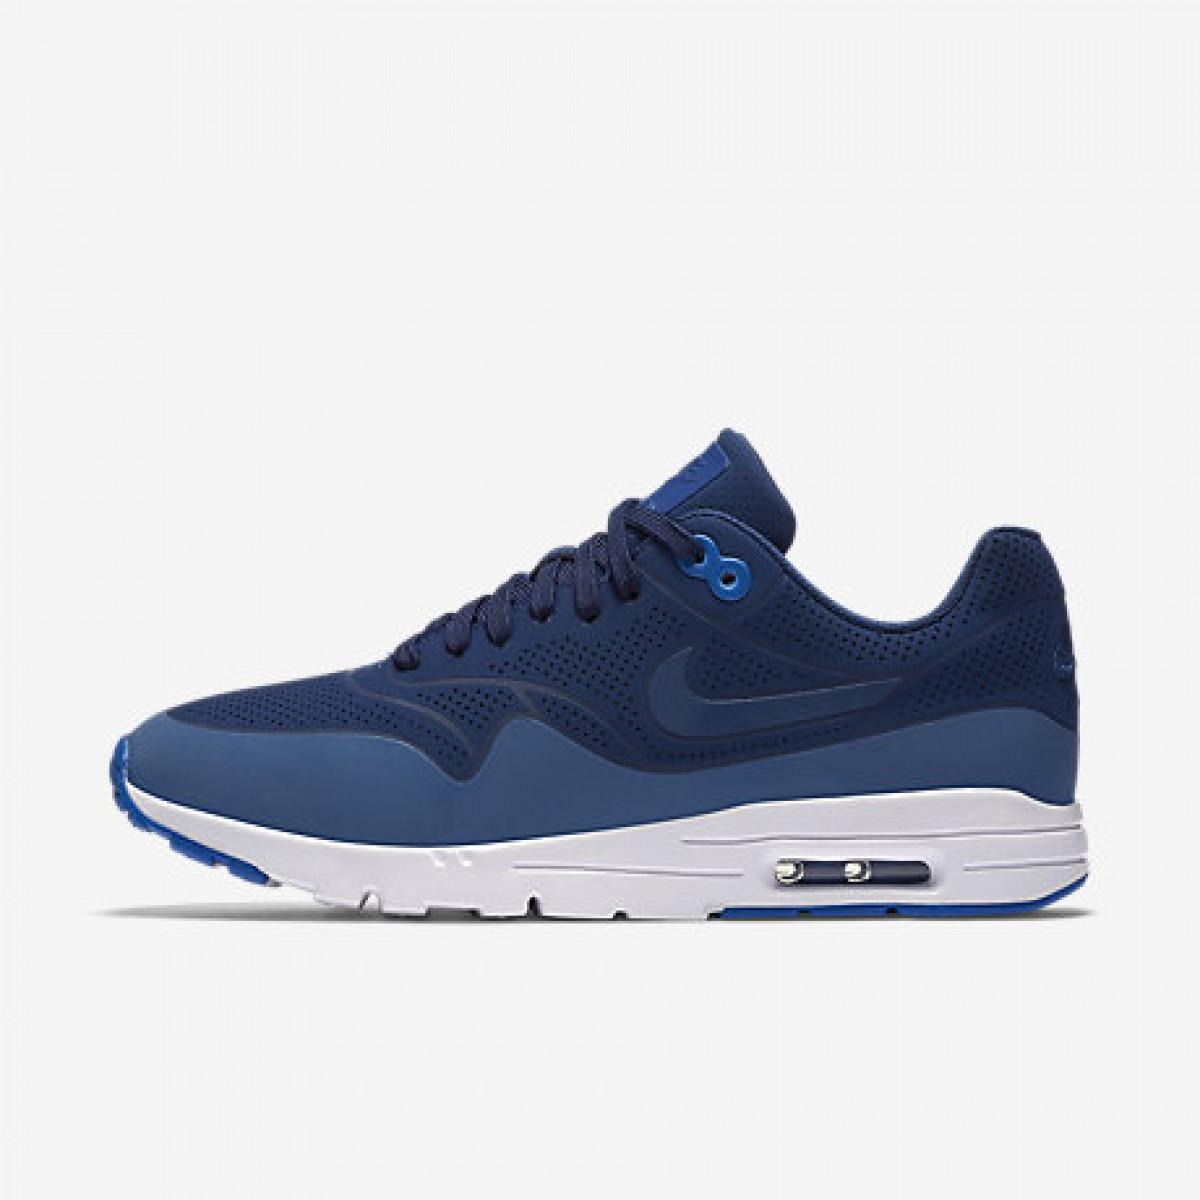 sports shoes 3a1a2 47a27 Achat   Vente produits Nike Air Max 1 Ultra Moire Femme,Nike Air Max 1